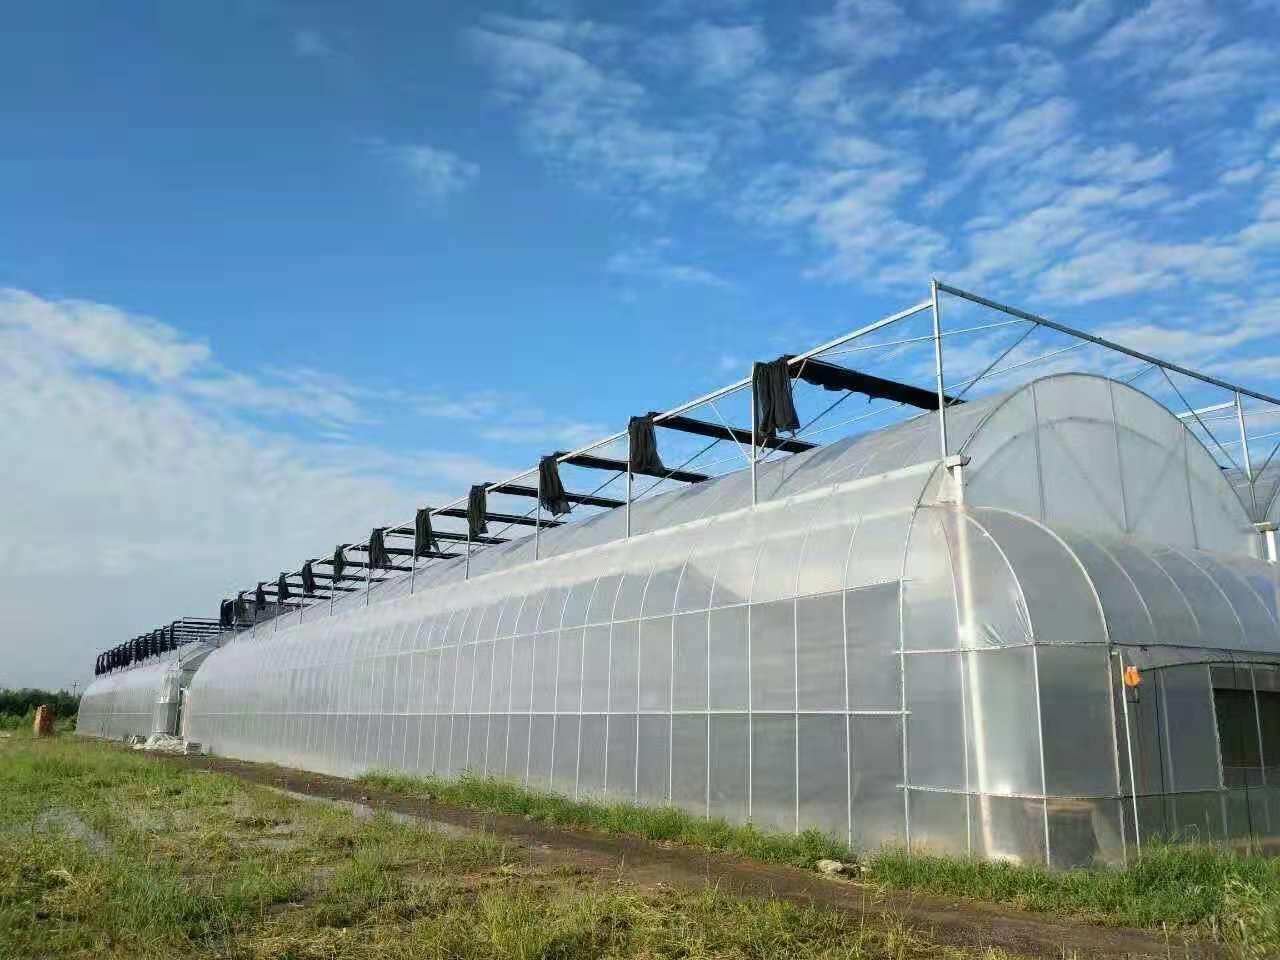 连栋温室大棚薄膜类型如何选择、薄膜种类以及特点